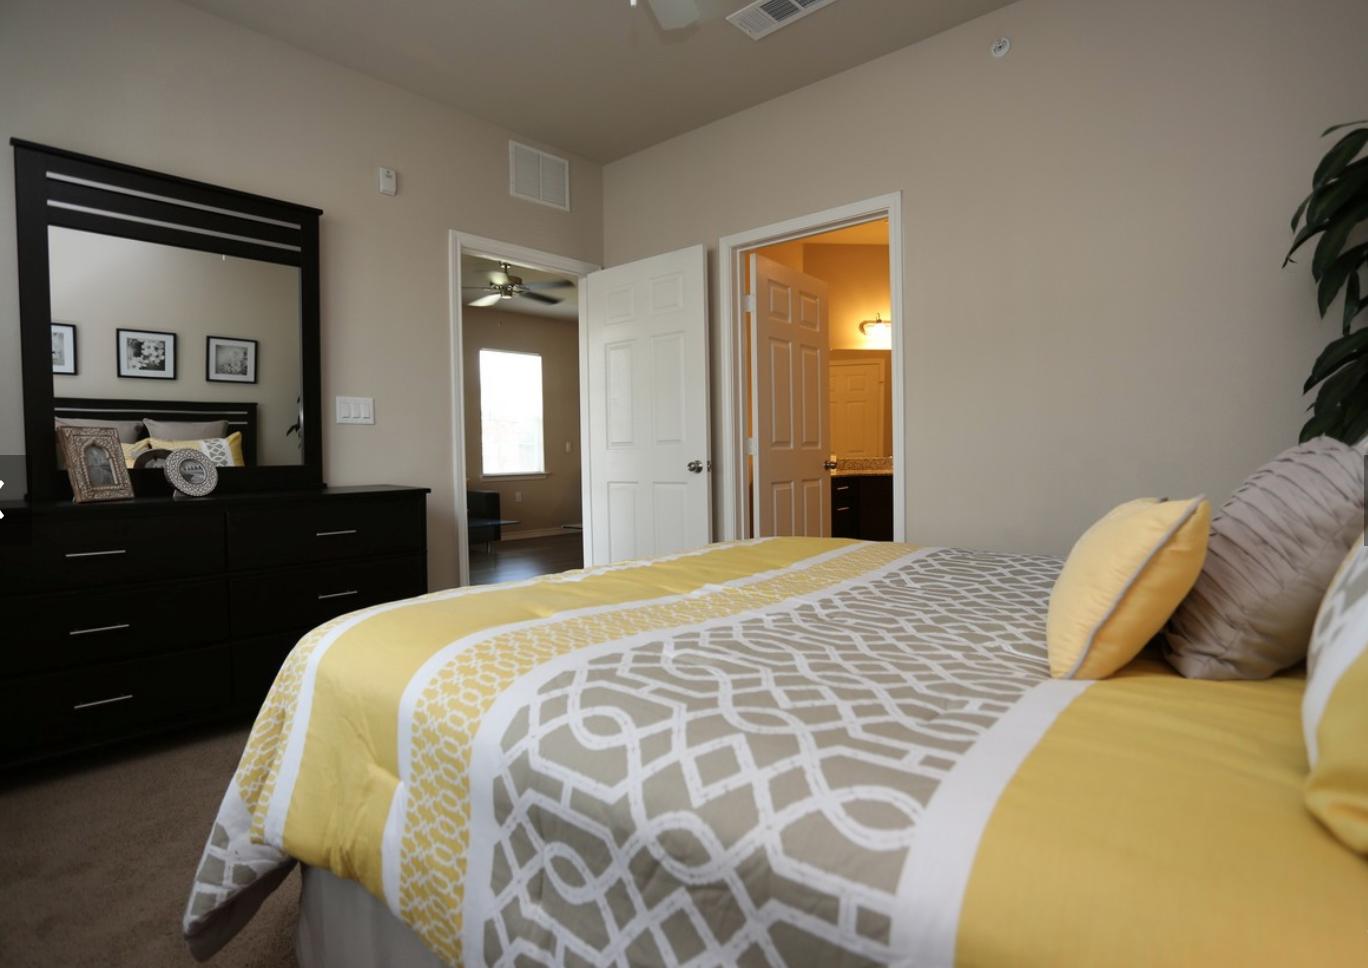 One bedroom apartments in san antonio tx homdesigns - One bedroom apartment san antonio ...